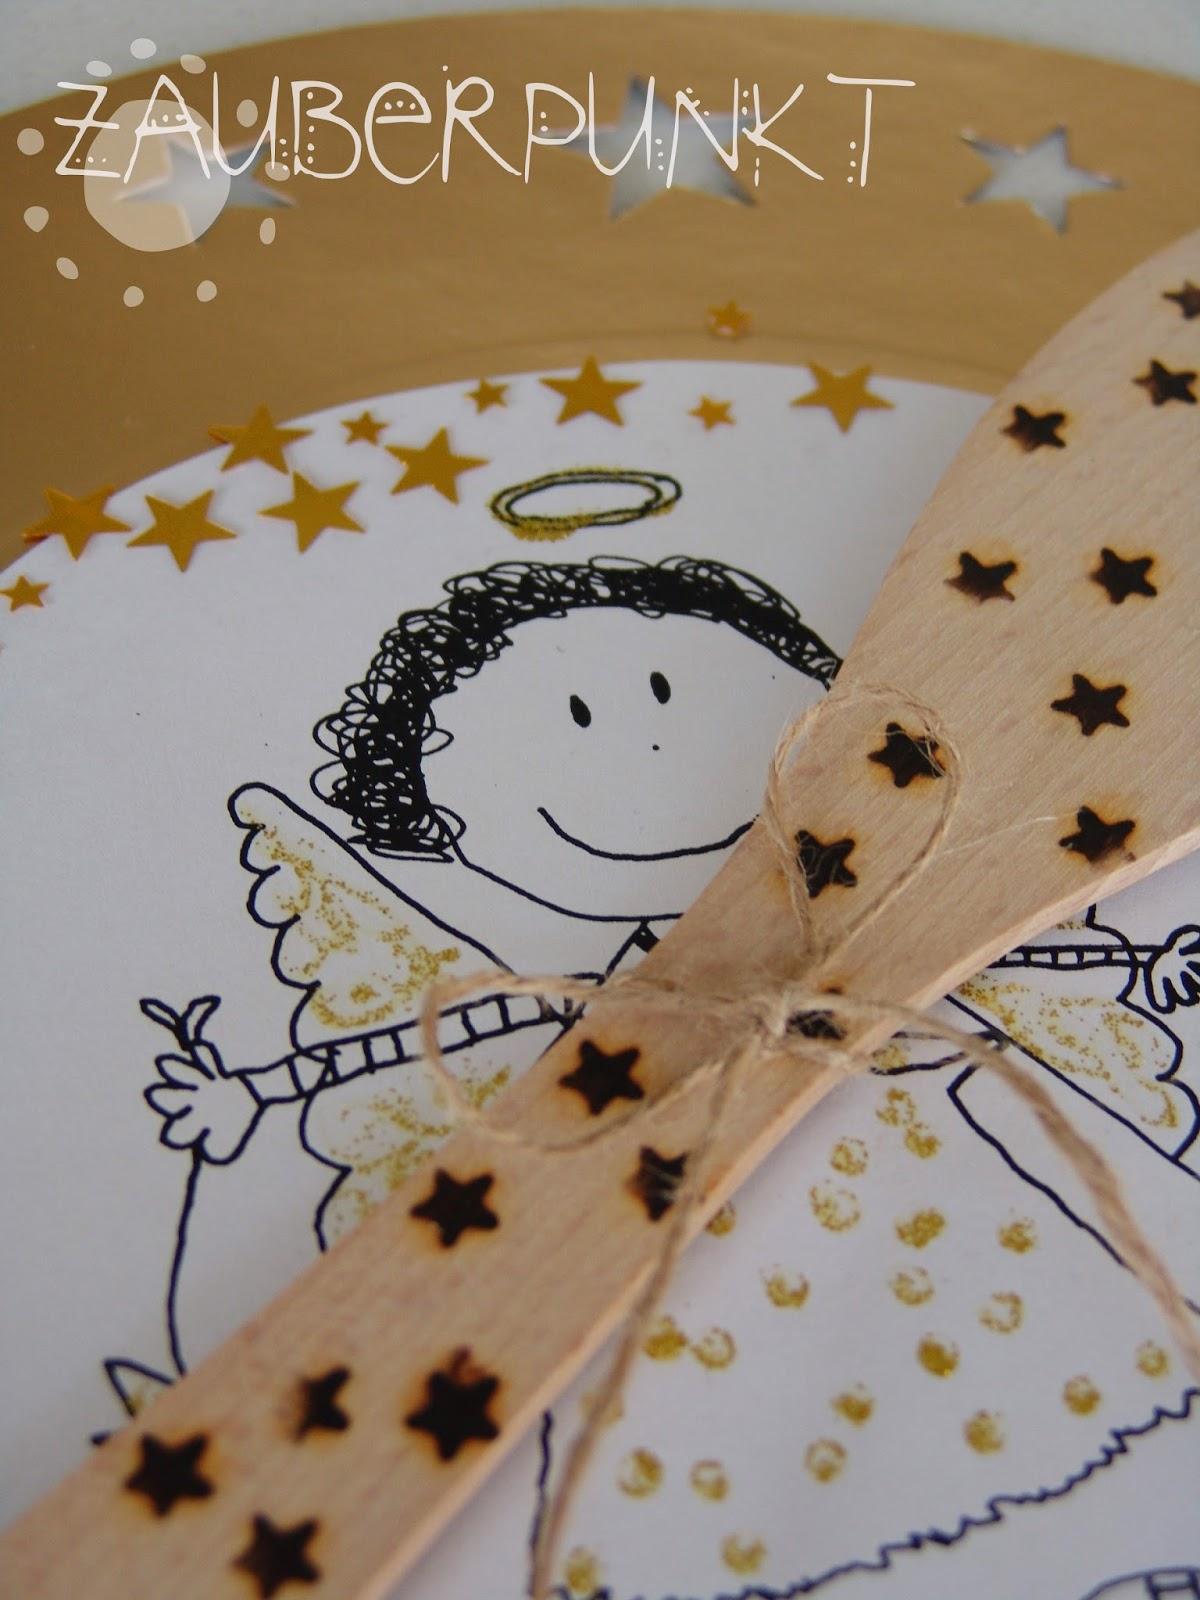 Zauberpunkt weihnachtsgeschenke basteln mit kindern - Weihnachten kindergarten ideen ...